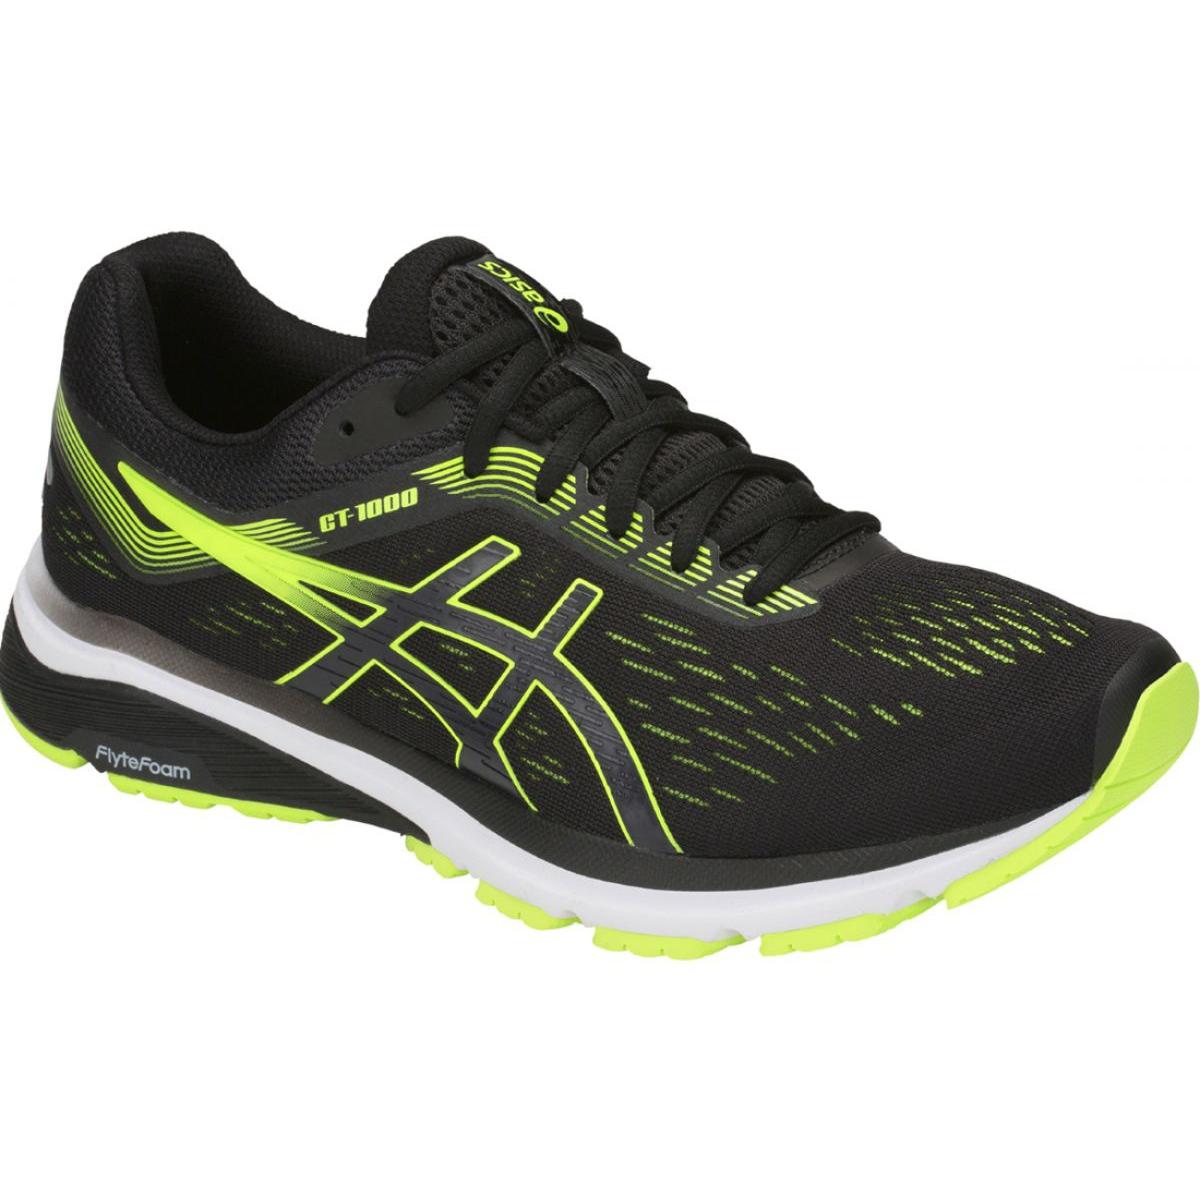 Asics-GT-1000-7-M-1011A042-004-chaussures-de-course-noir